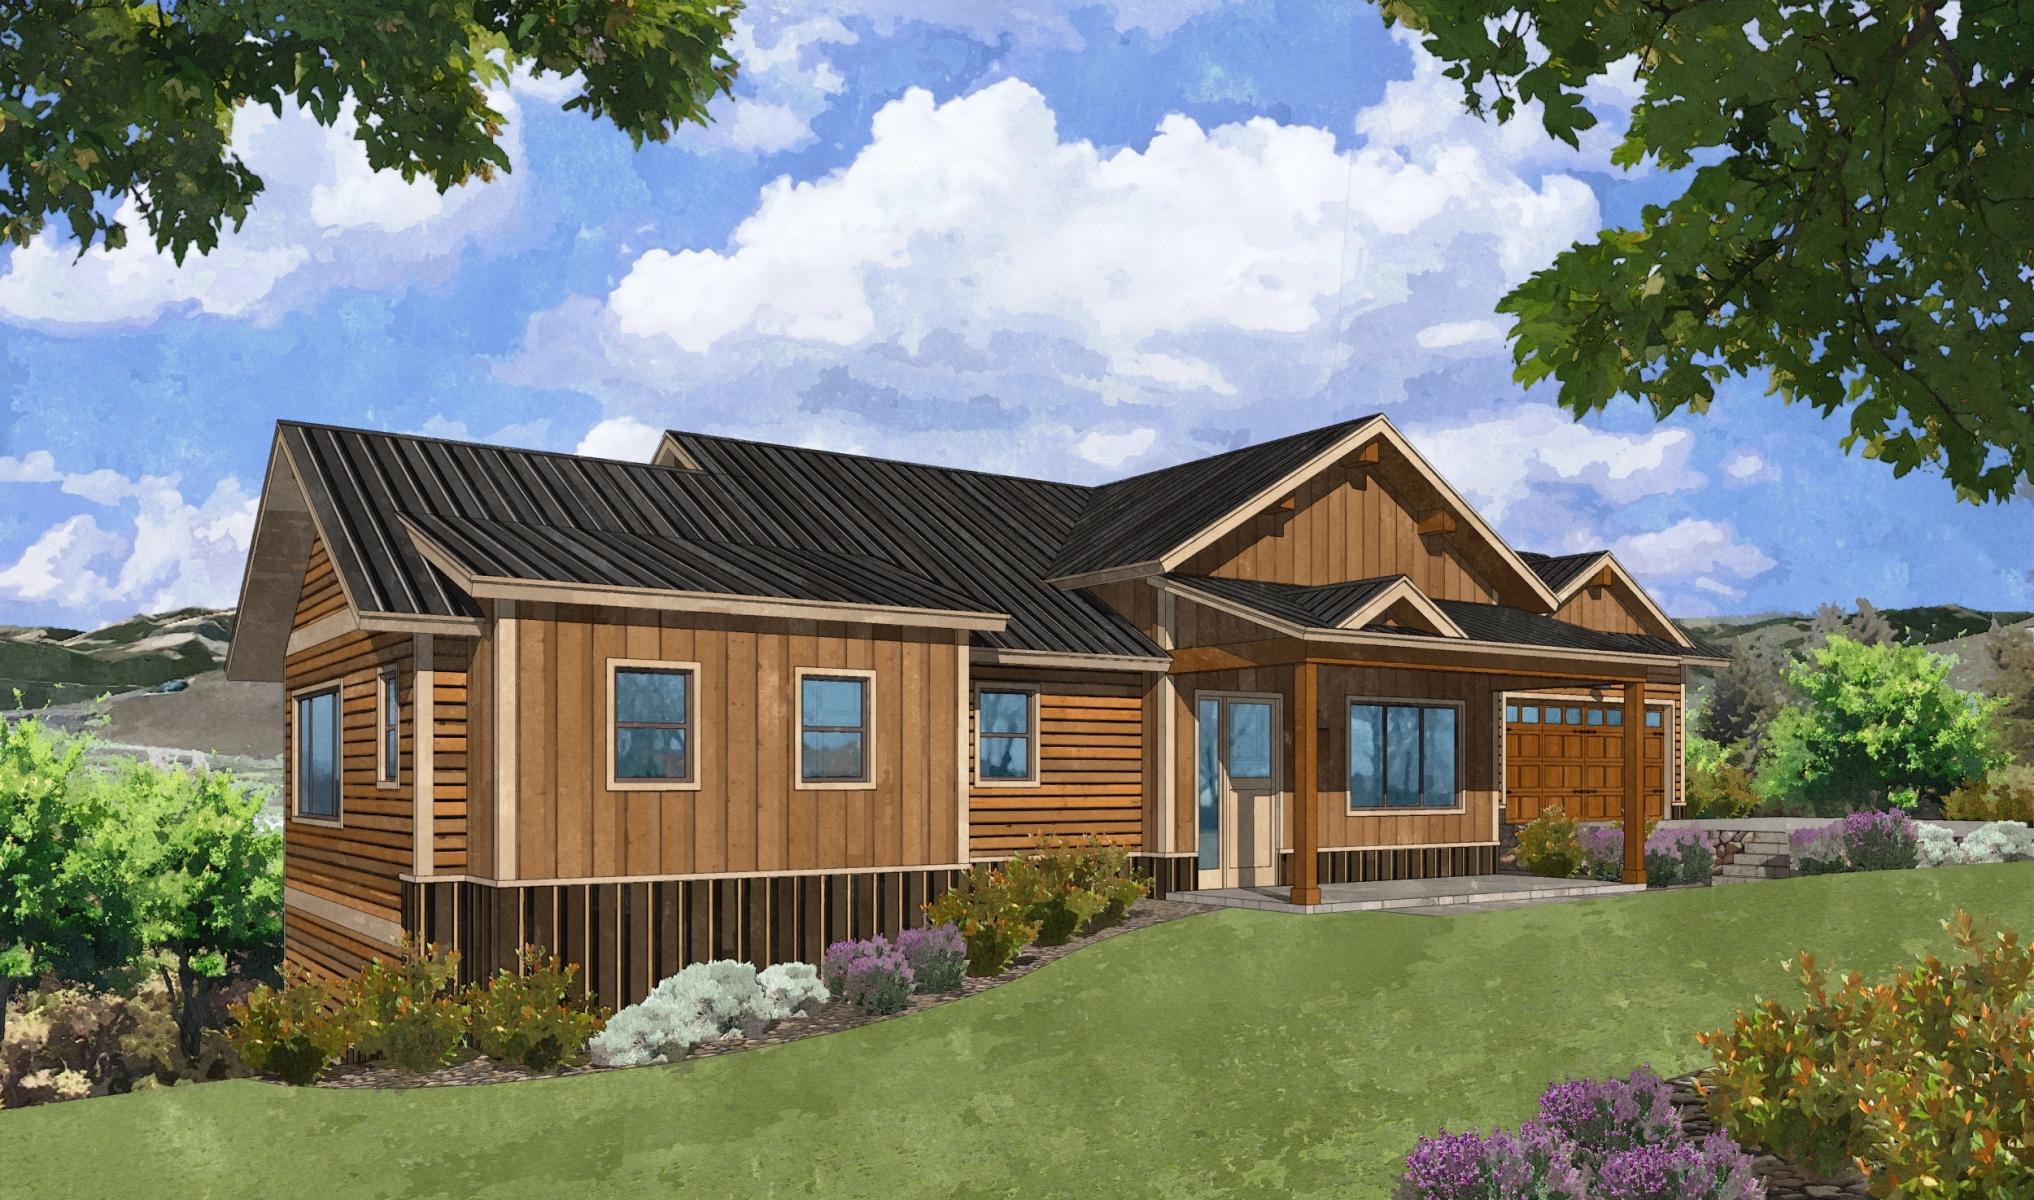 단독 가정 주택 용 매매 에 New Construction Home with Fantastic Views 29 Anthracite Drive Mount Crested Butte, 콜로라도, 81225 미국